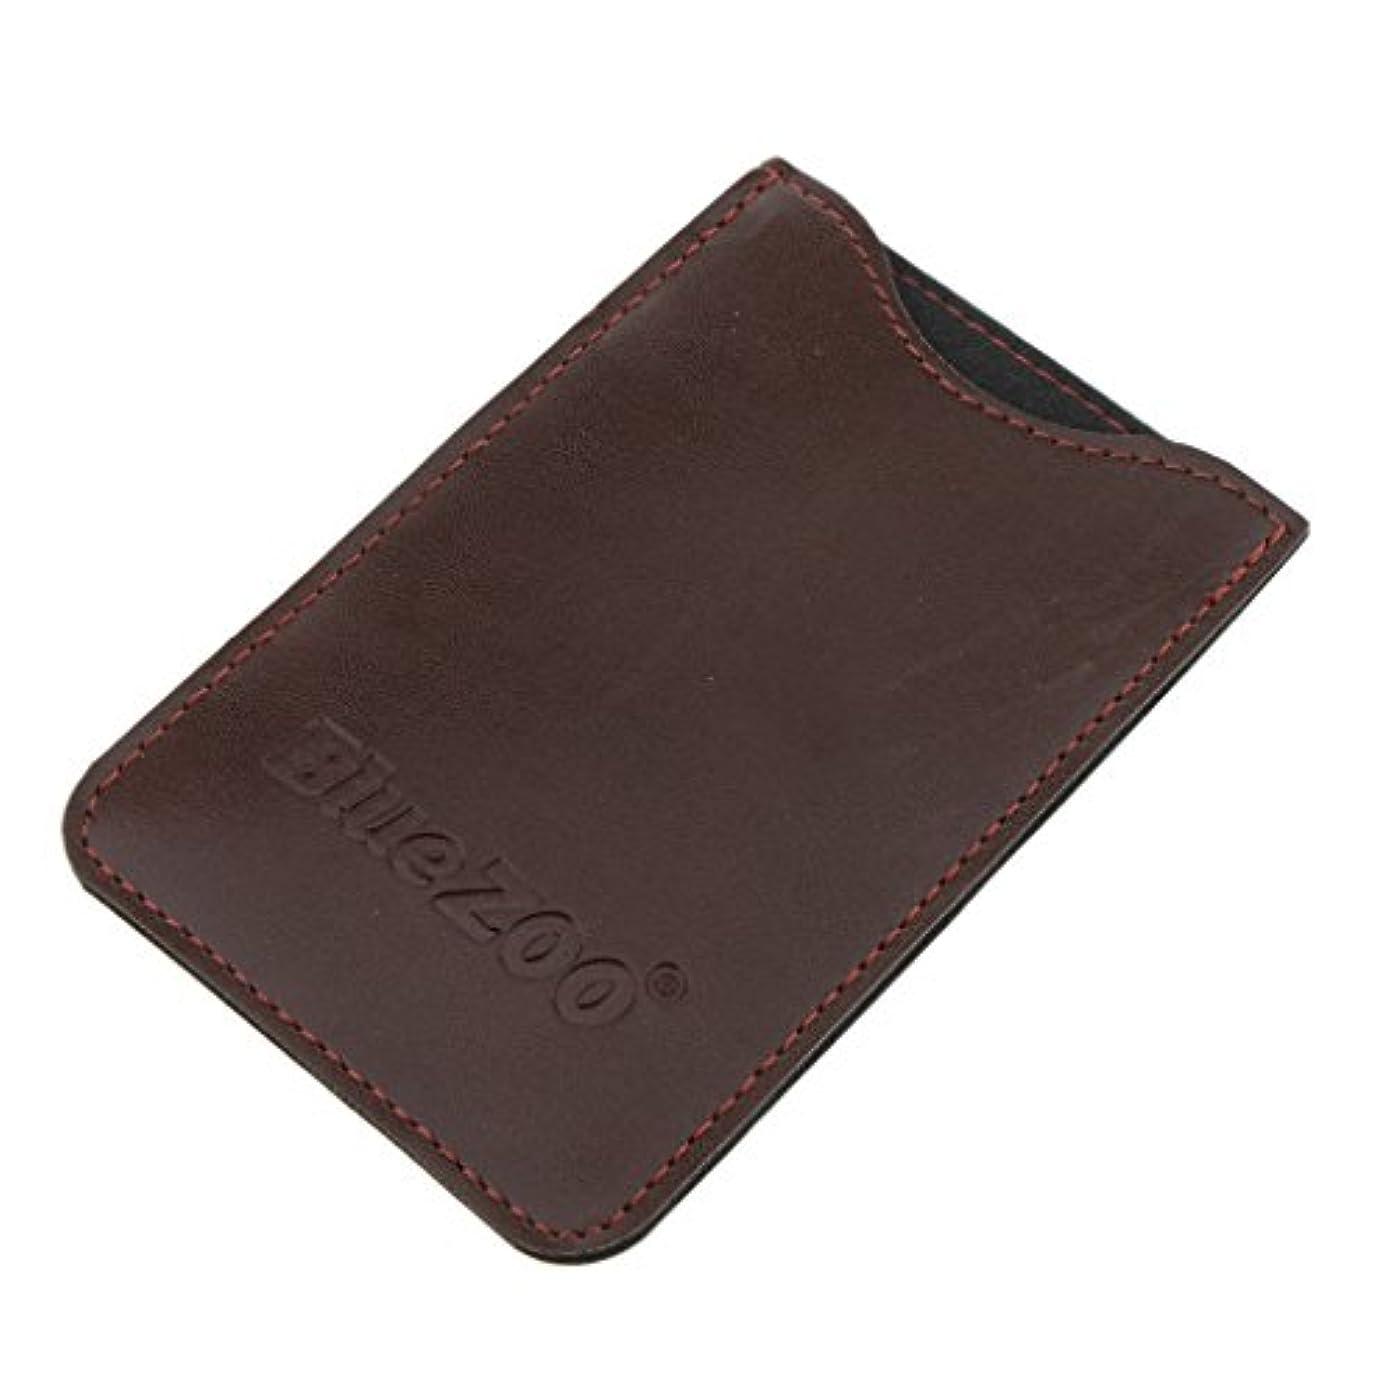 骨髄おっと付録Perfeclan コンビバッグ PUレザー 櫛バッグ ポケット オーガナイザー 収納ケース 保護カバー パック 全2色 - 褐色